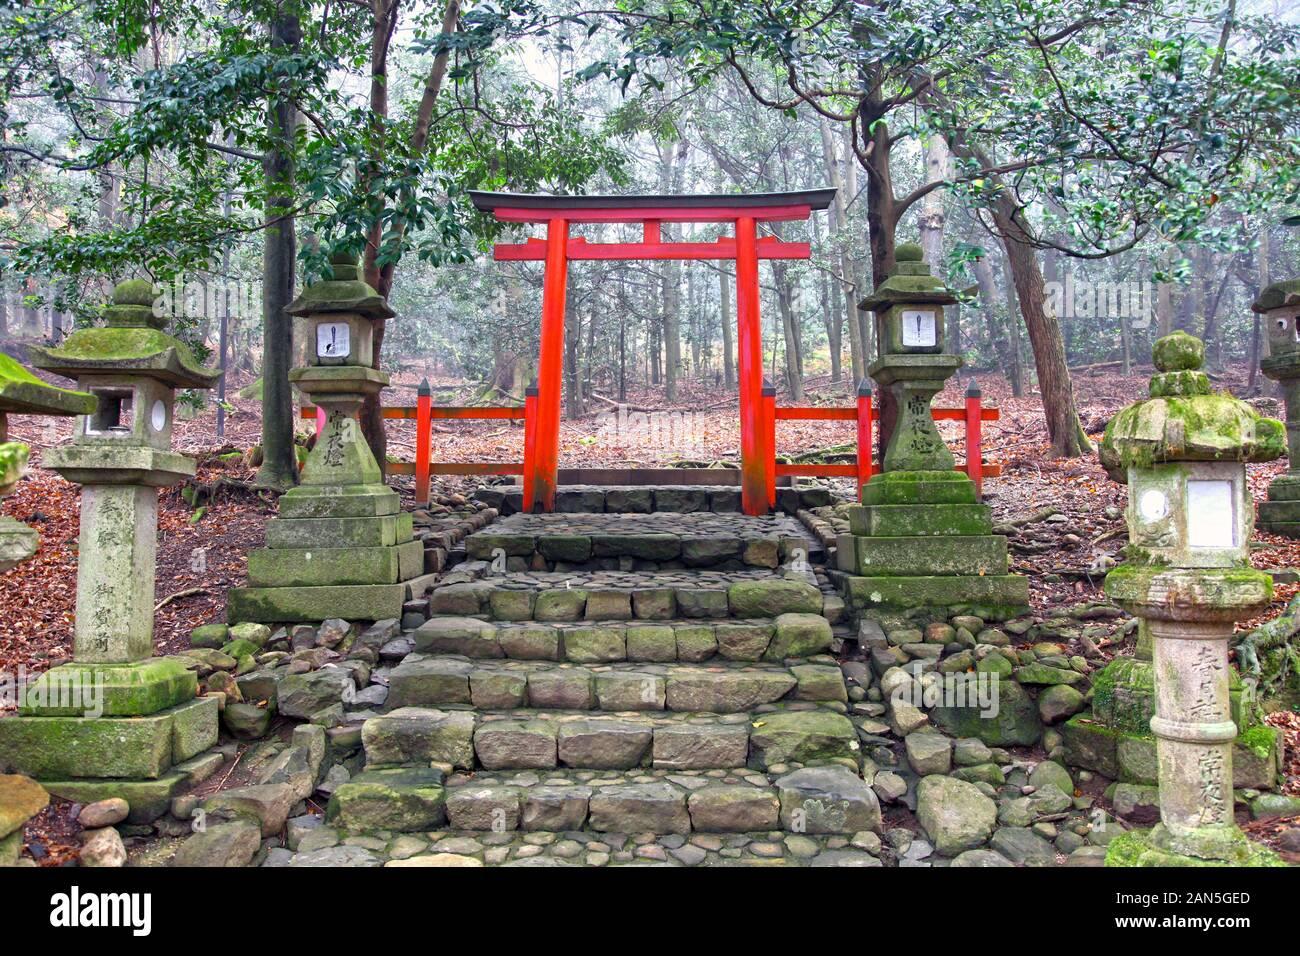 Porte torii au sommet de vieux marches en pierre au Grand Sanctuaire de Kasuga au Japon. Banque D'Images